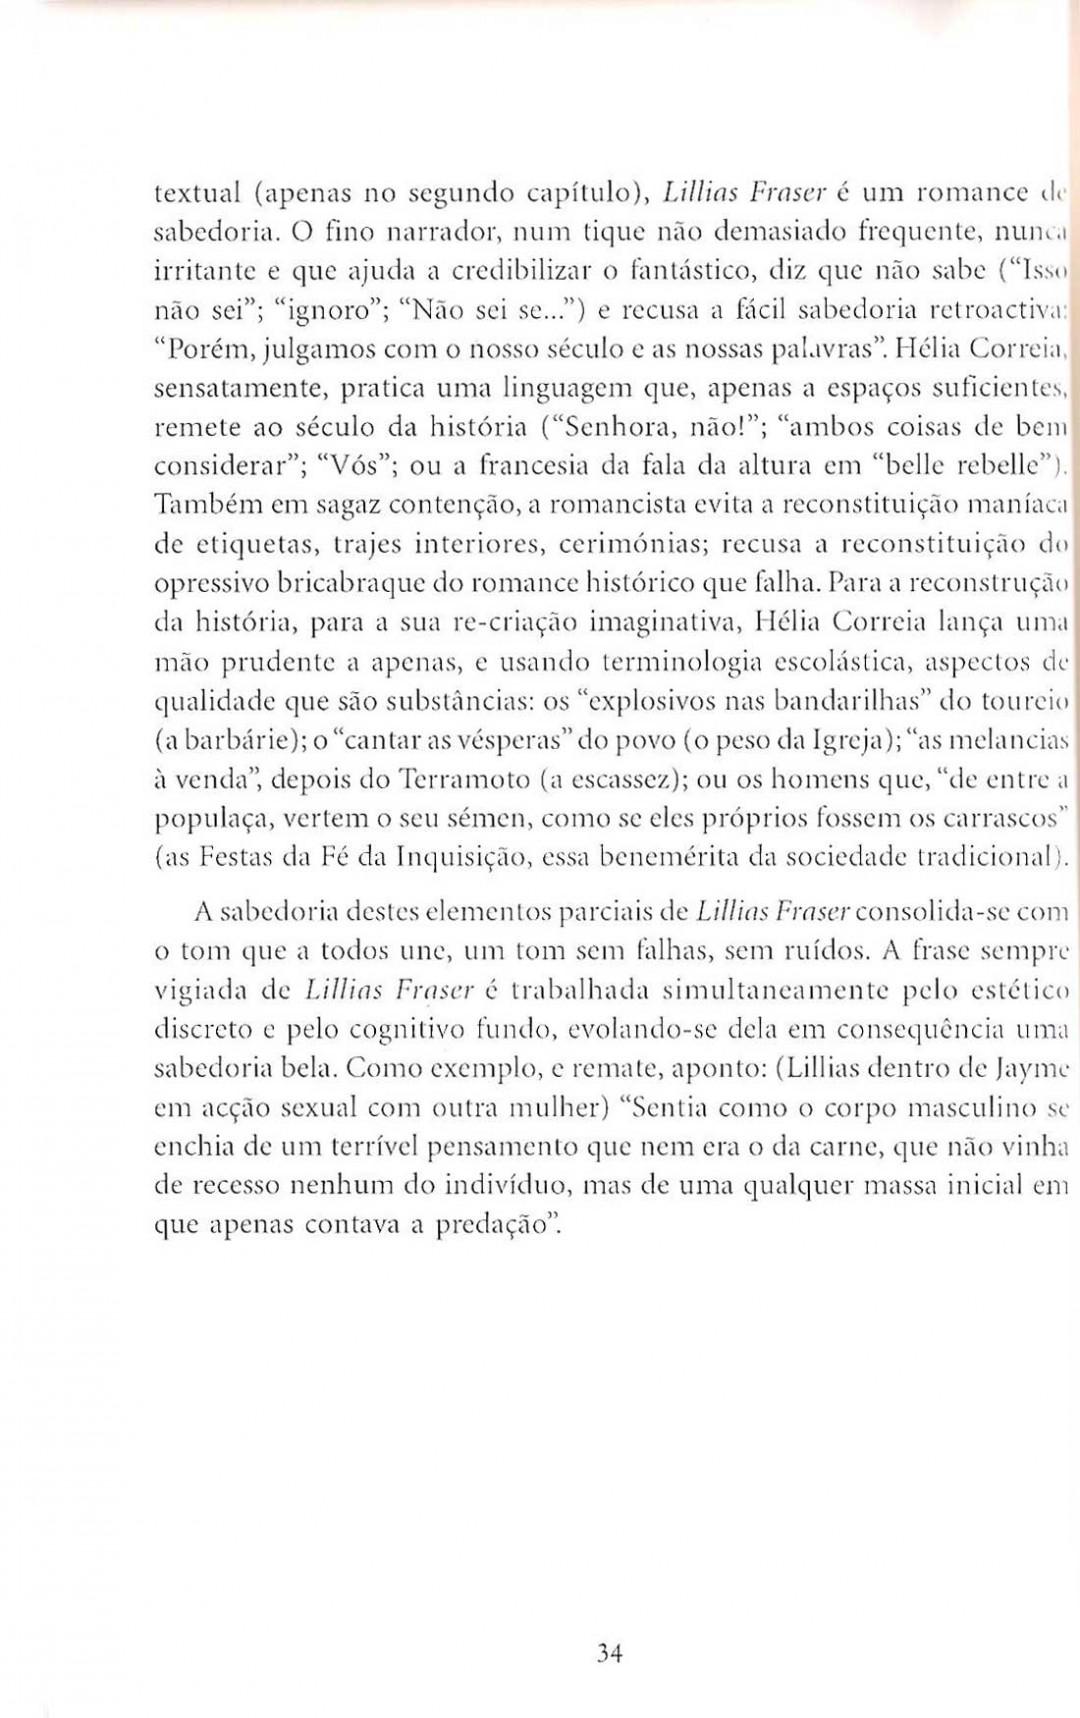 11. Hélia Correia